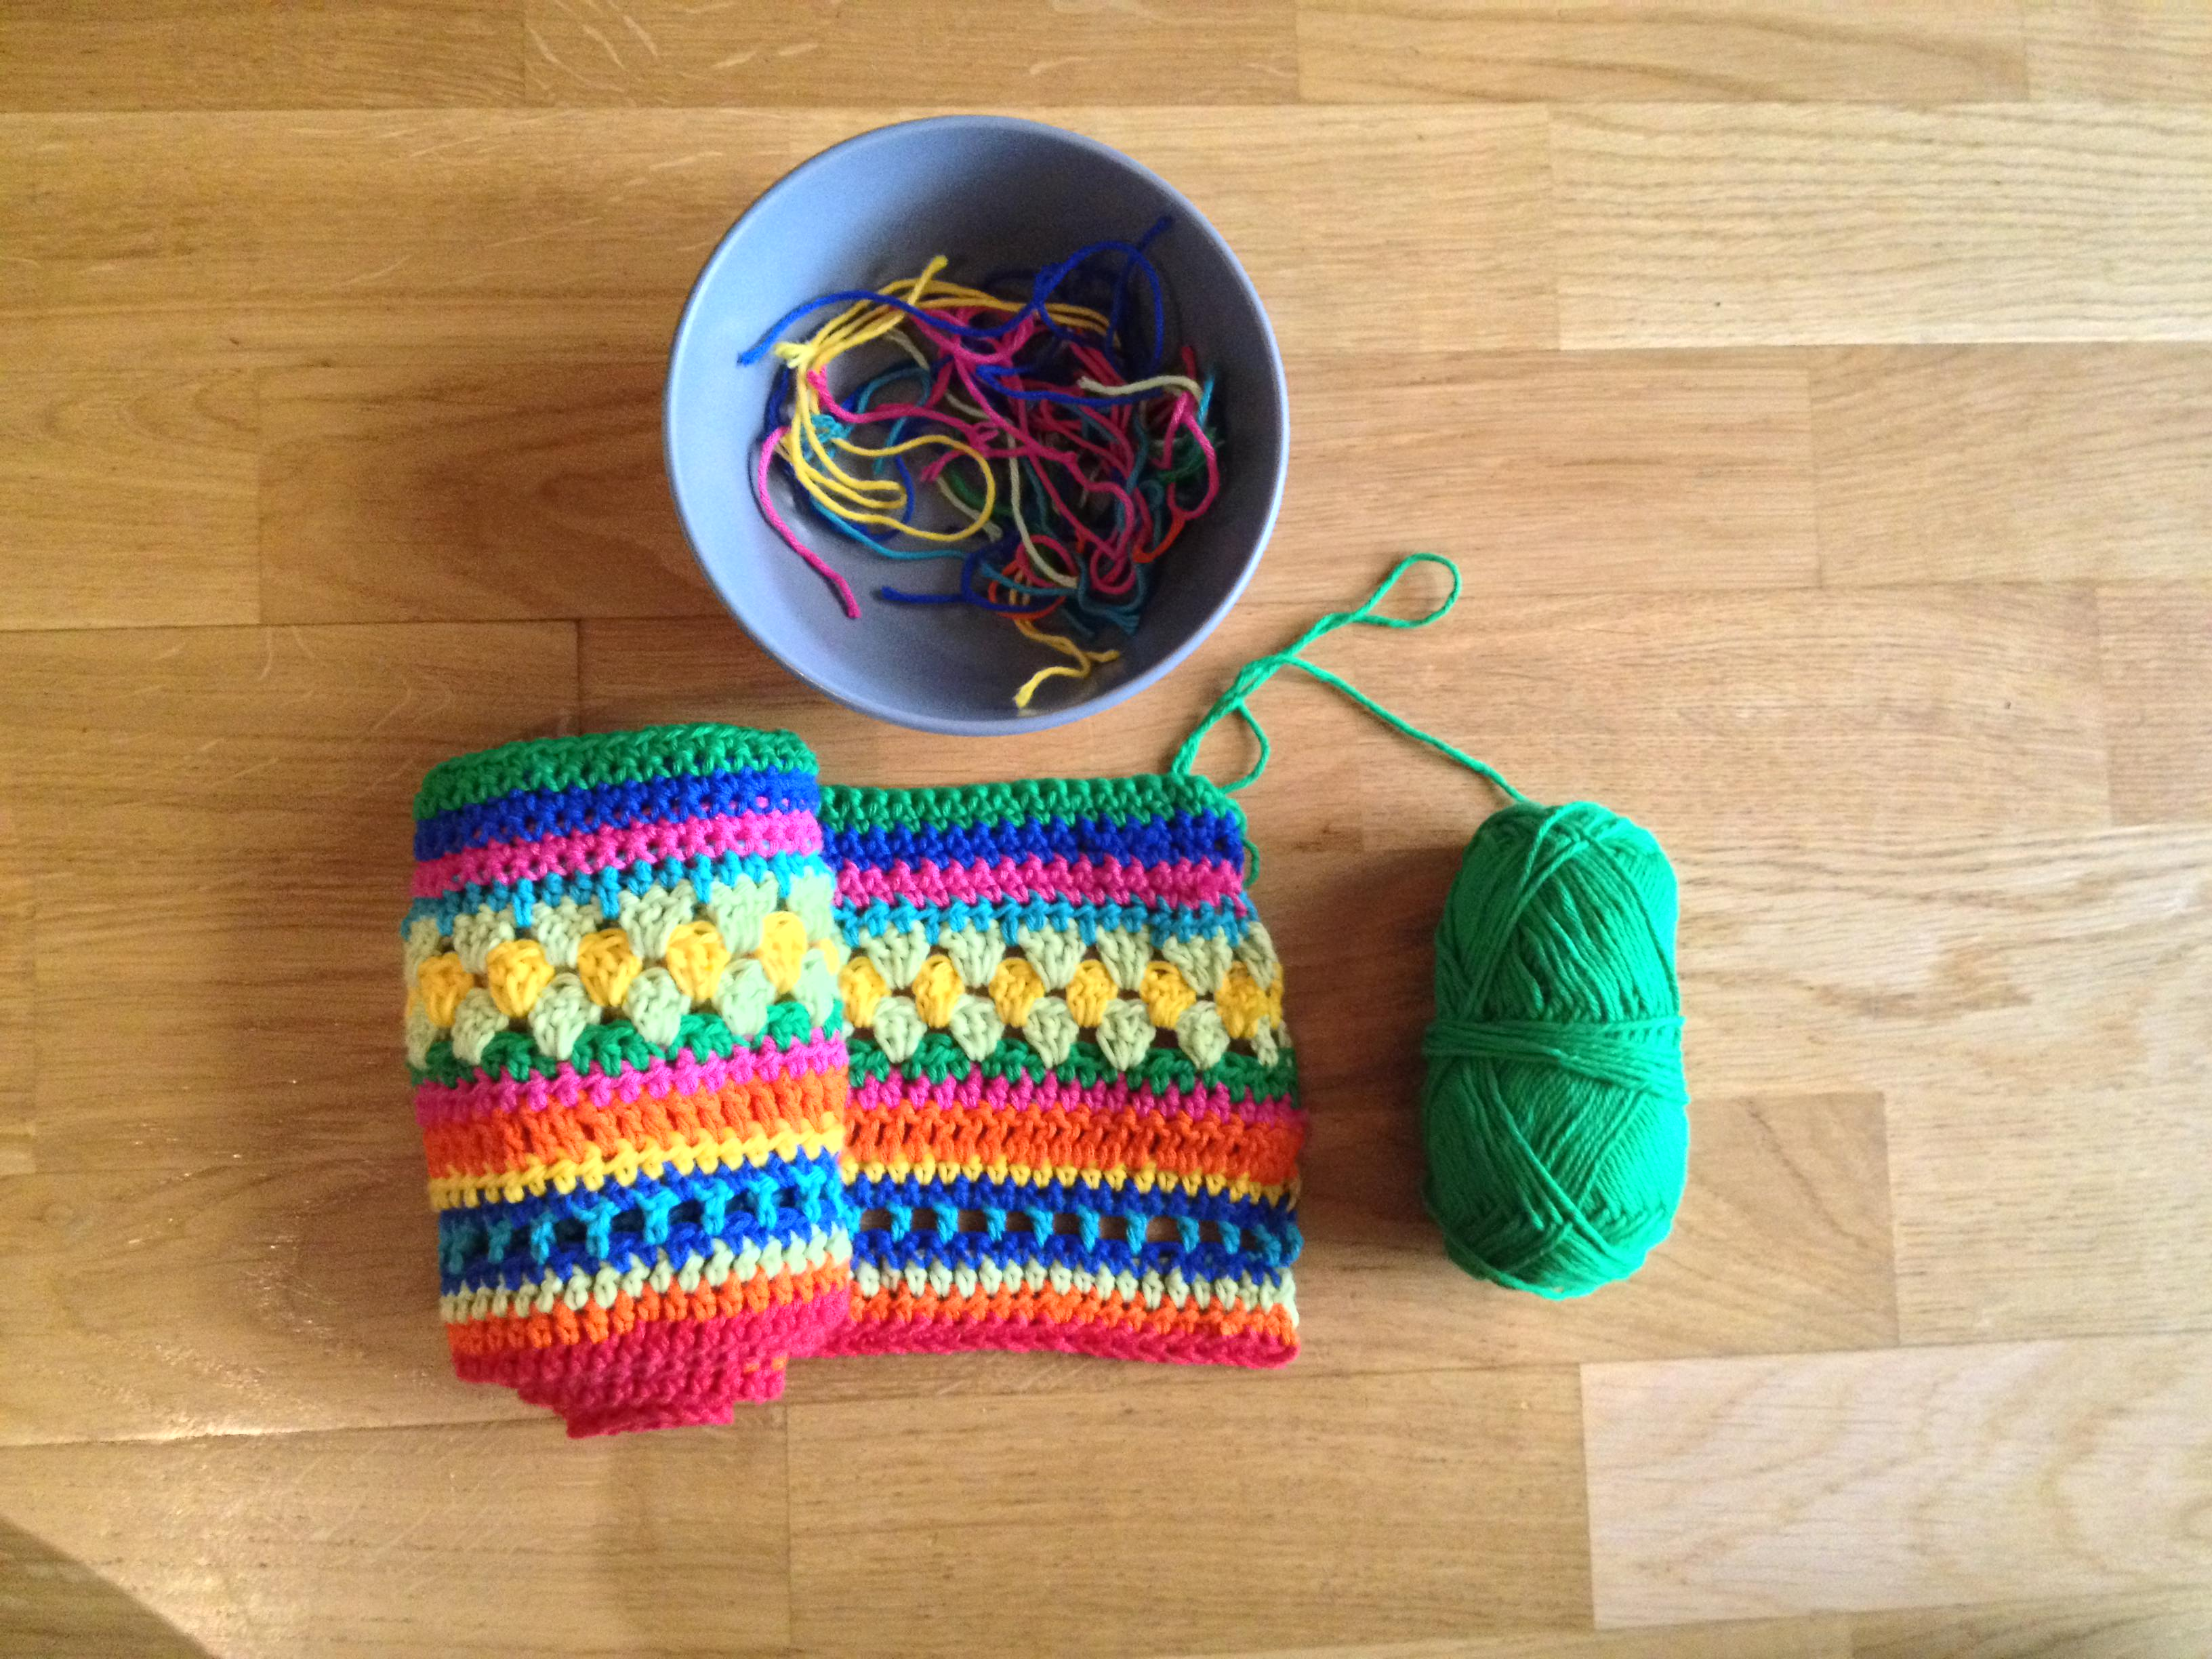 Crochet Along Babydecke Teil 2 Christina - schoenstricken.de